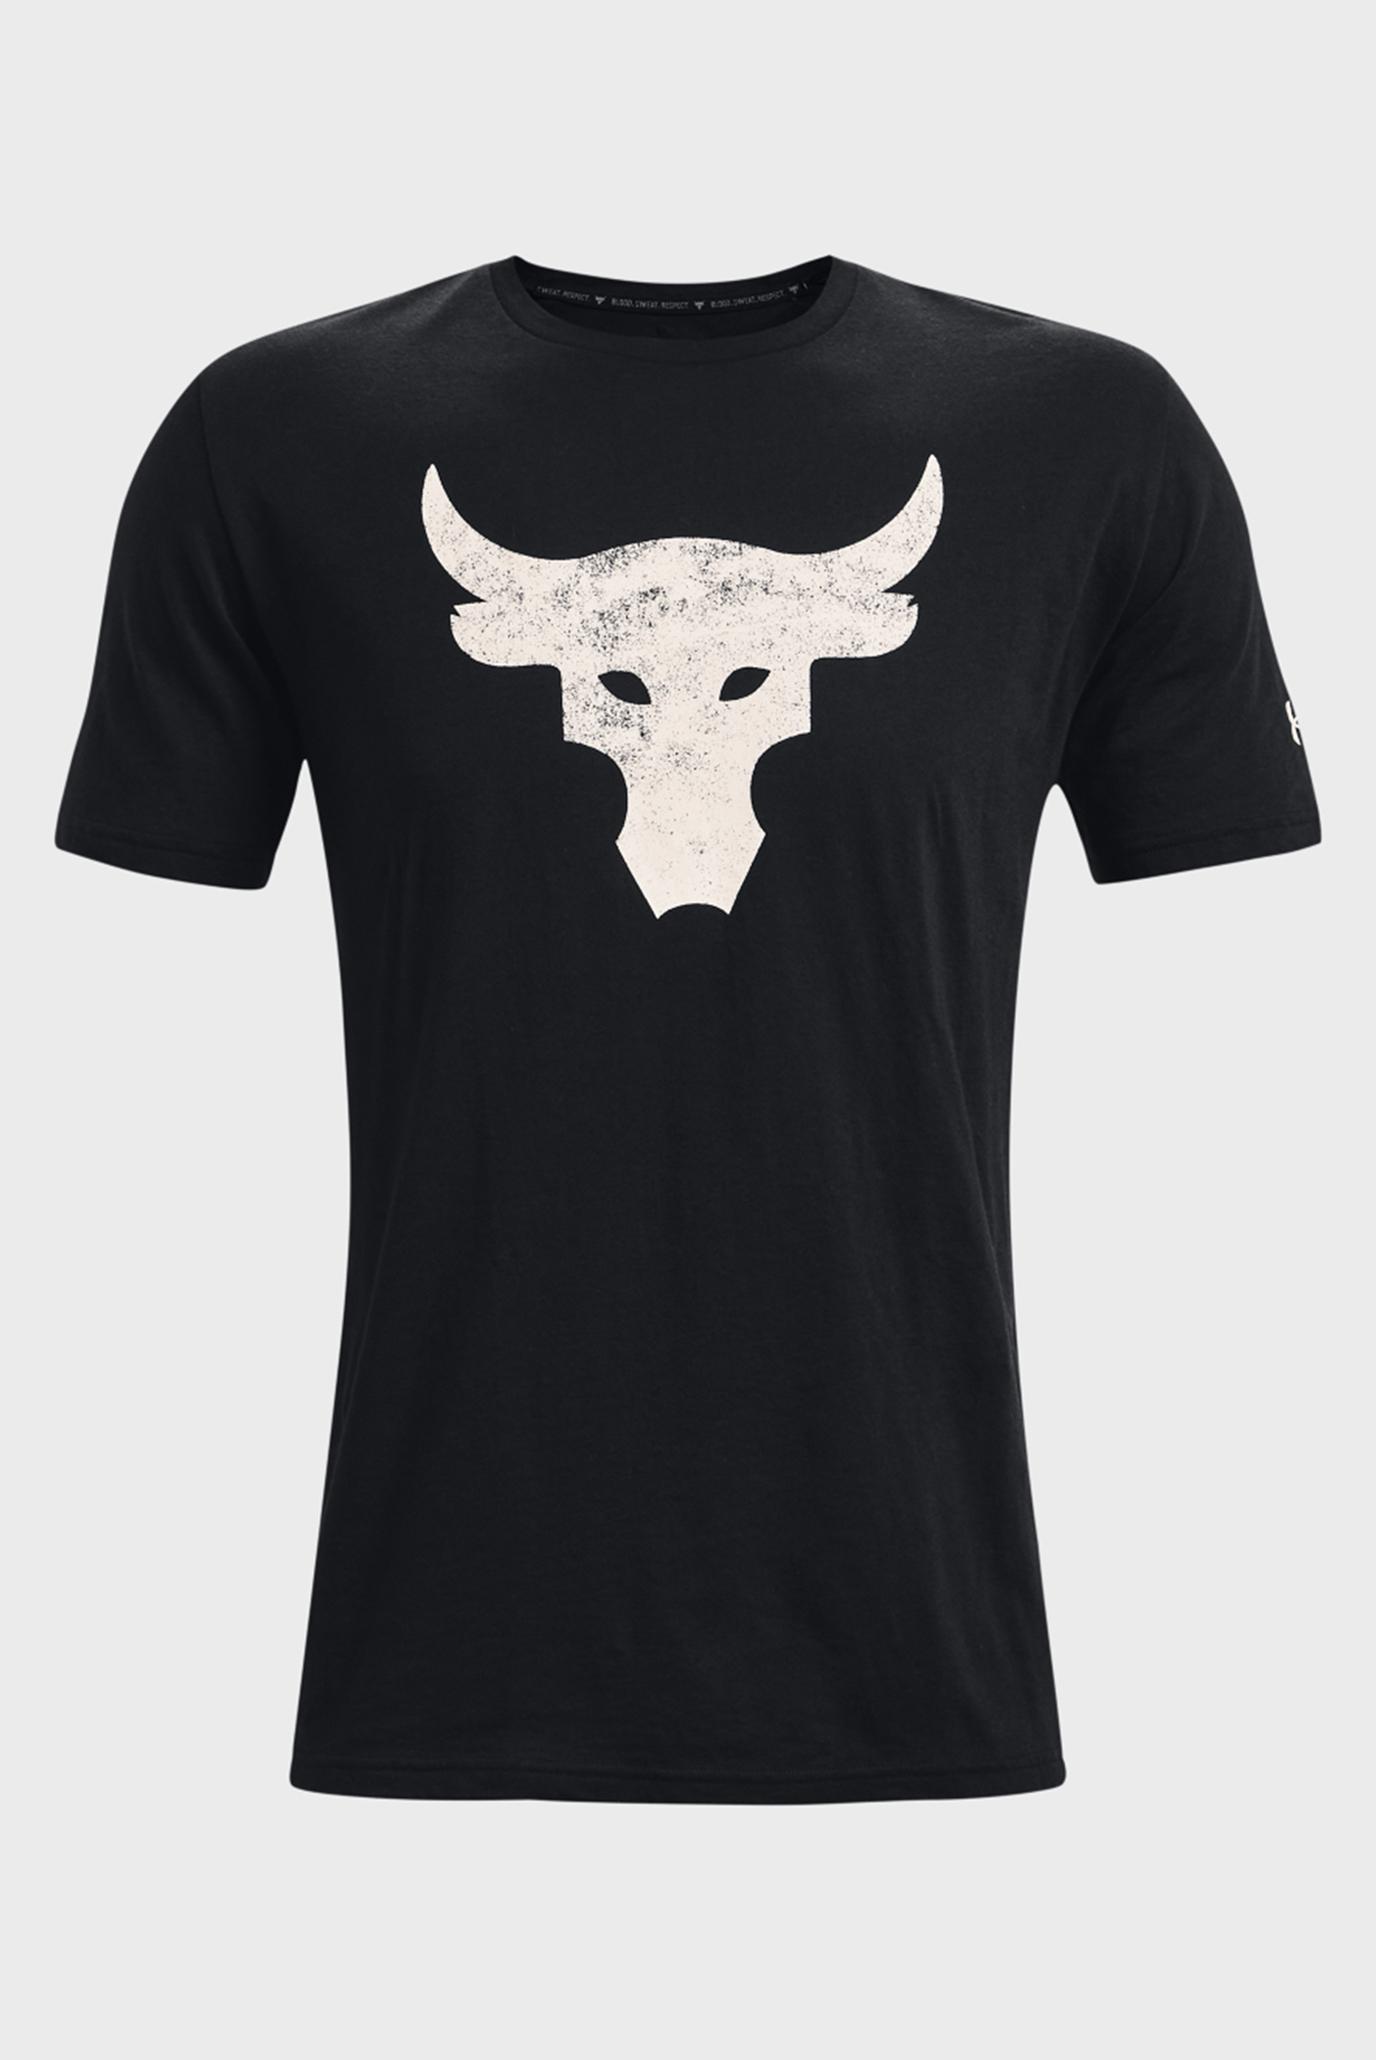 Мужская черная футболка UA Pjt Rock Brahma Bull 1